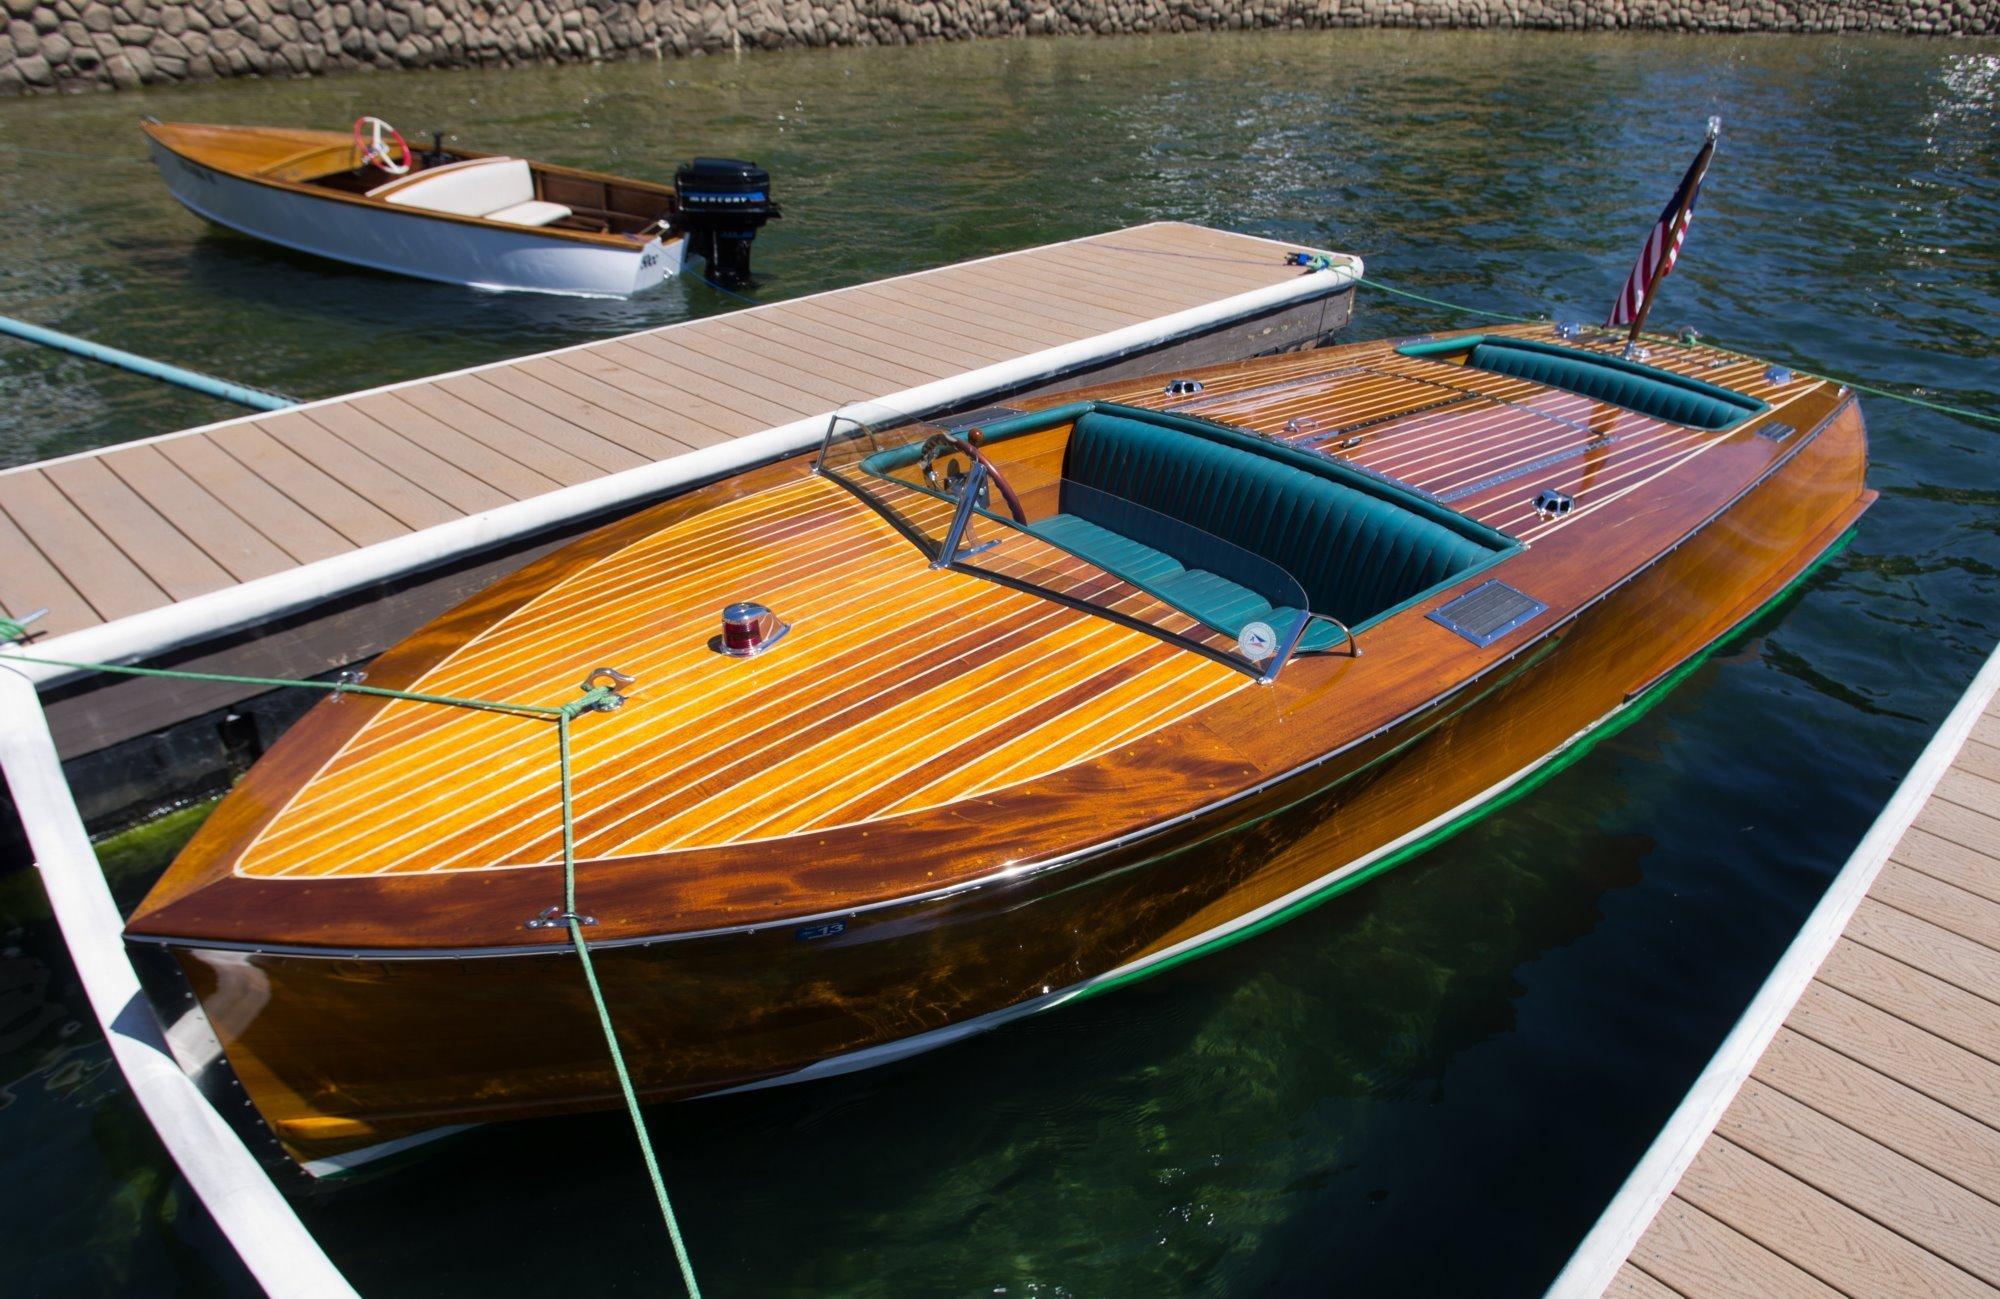 Antique & Classic Wooden Boats - PentaxForums.com